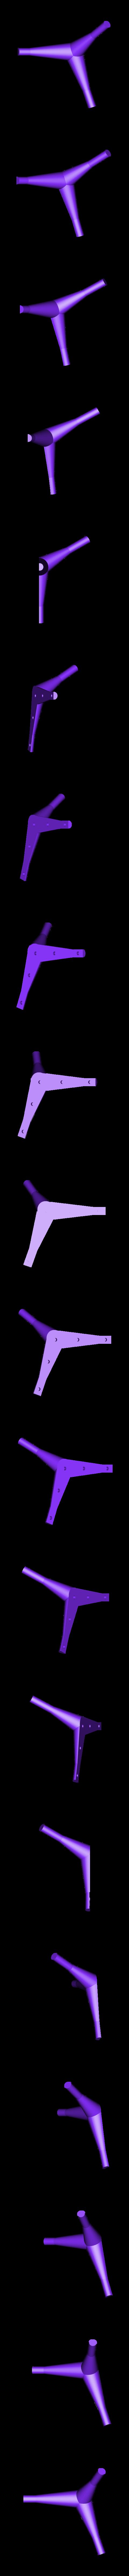 maus_stand_R.stl Télécharger fichier STL gratuit Bête sur pied • Design pour impression 3D, TeamTeamUSA